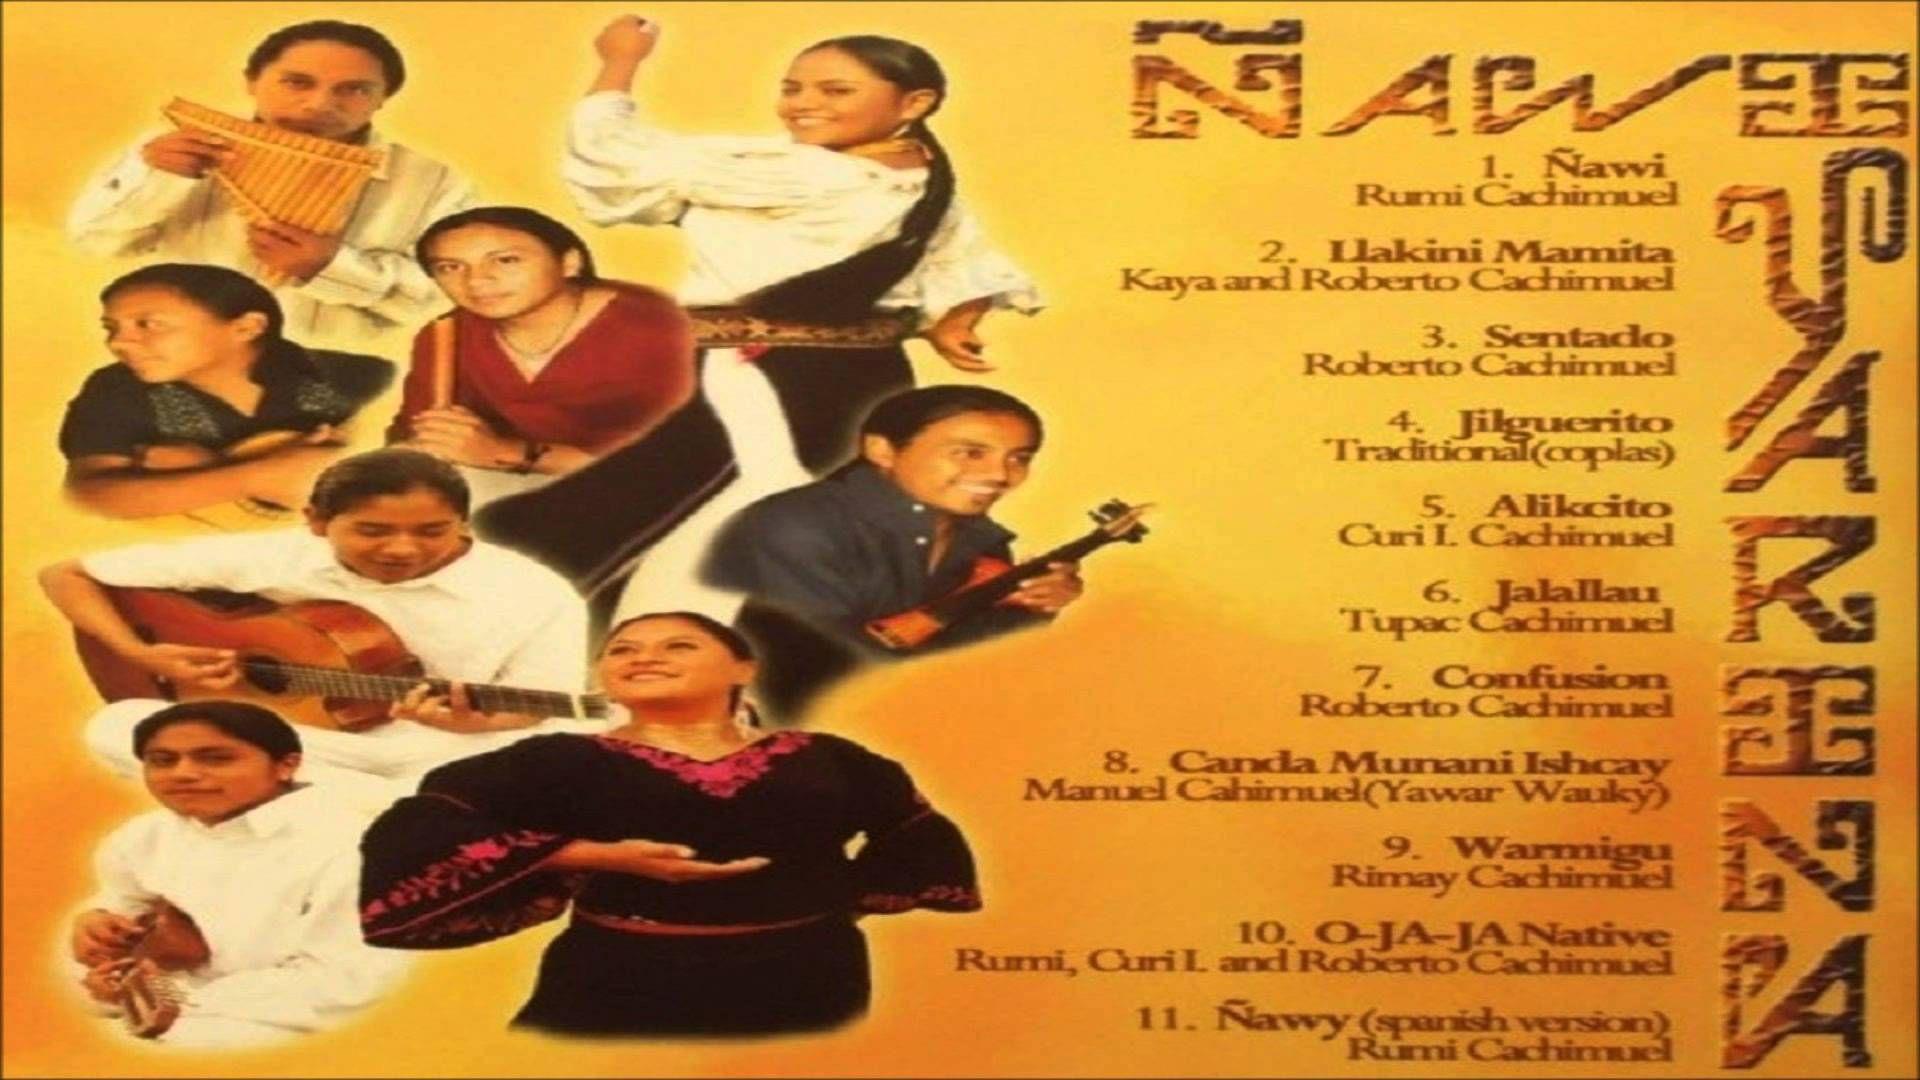 YARINA Ñawi Album Completo (con imágenes) | Album completo ...